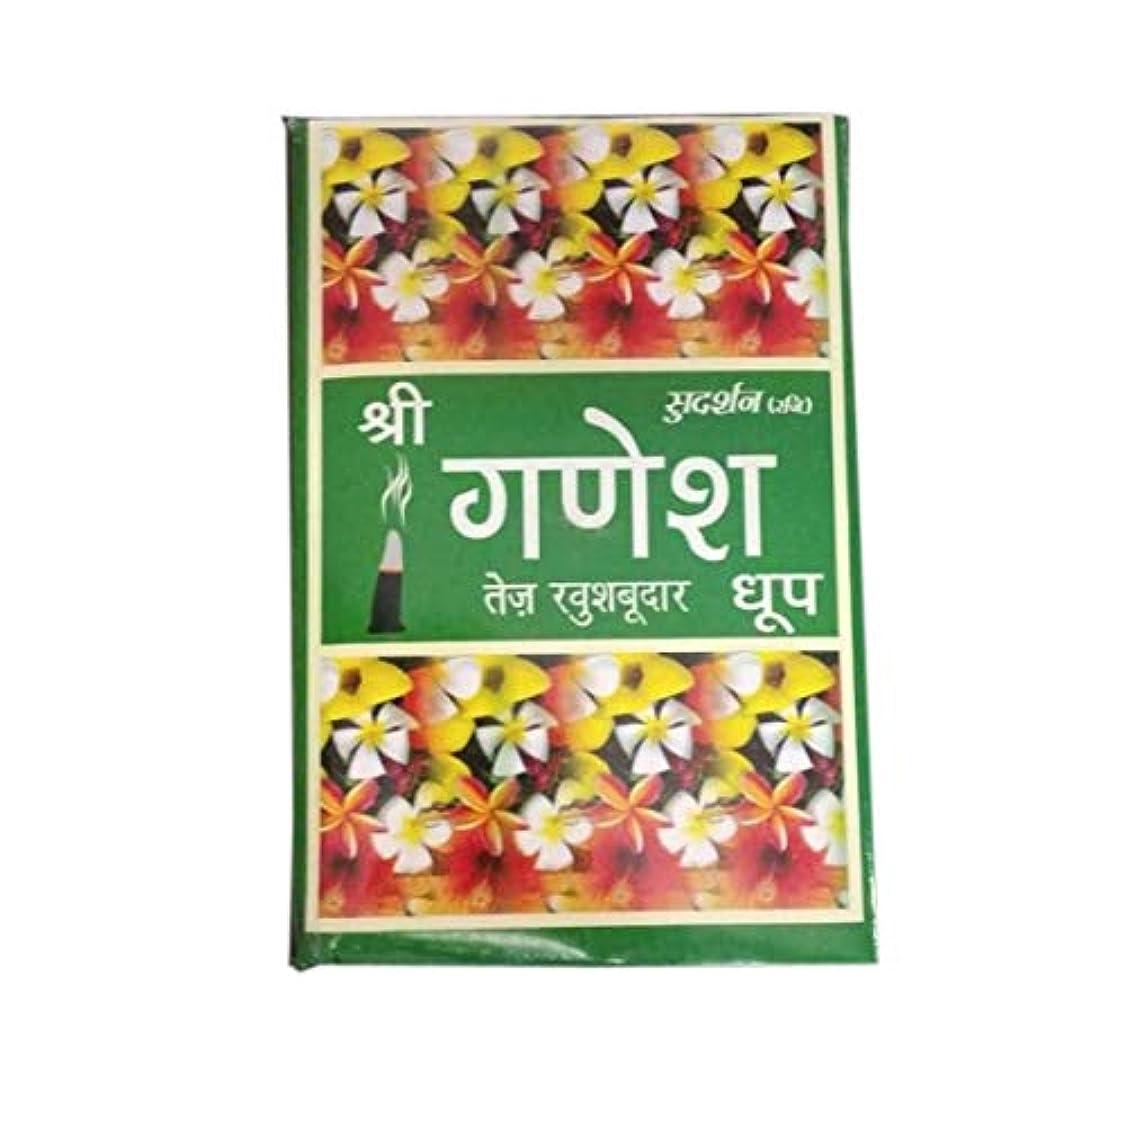 擁するソロ環境Total Home :Sudarshan Shri Ganesh Highly Perfumed dhoop Fragrance for Positivity & Freshness Fragrance Dhoop Batti...